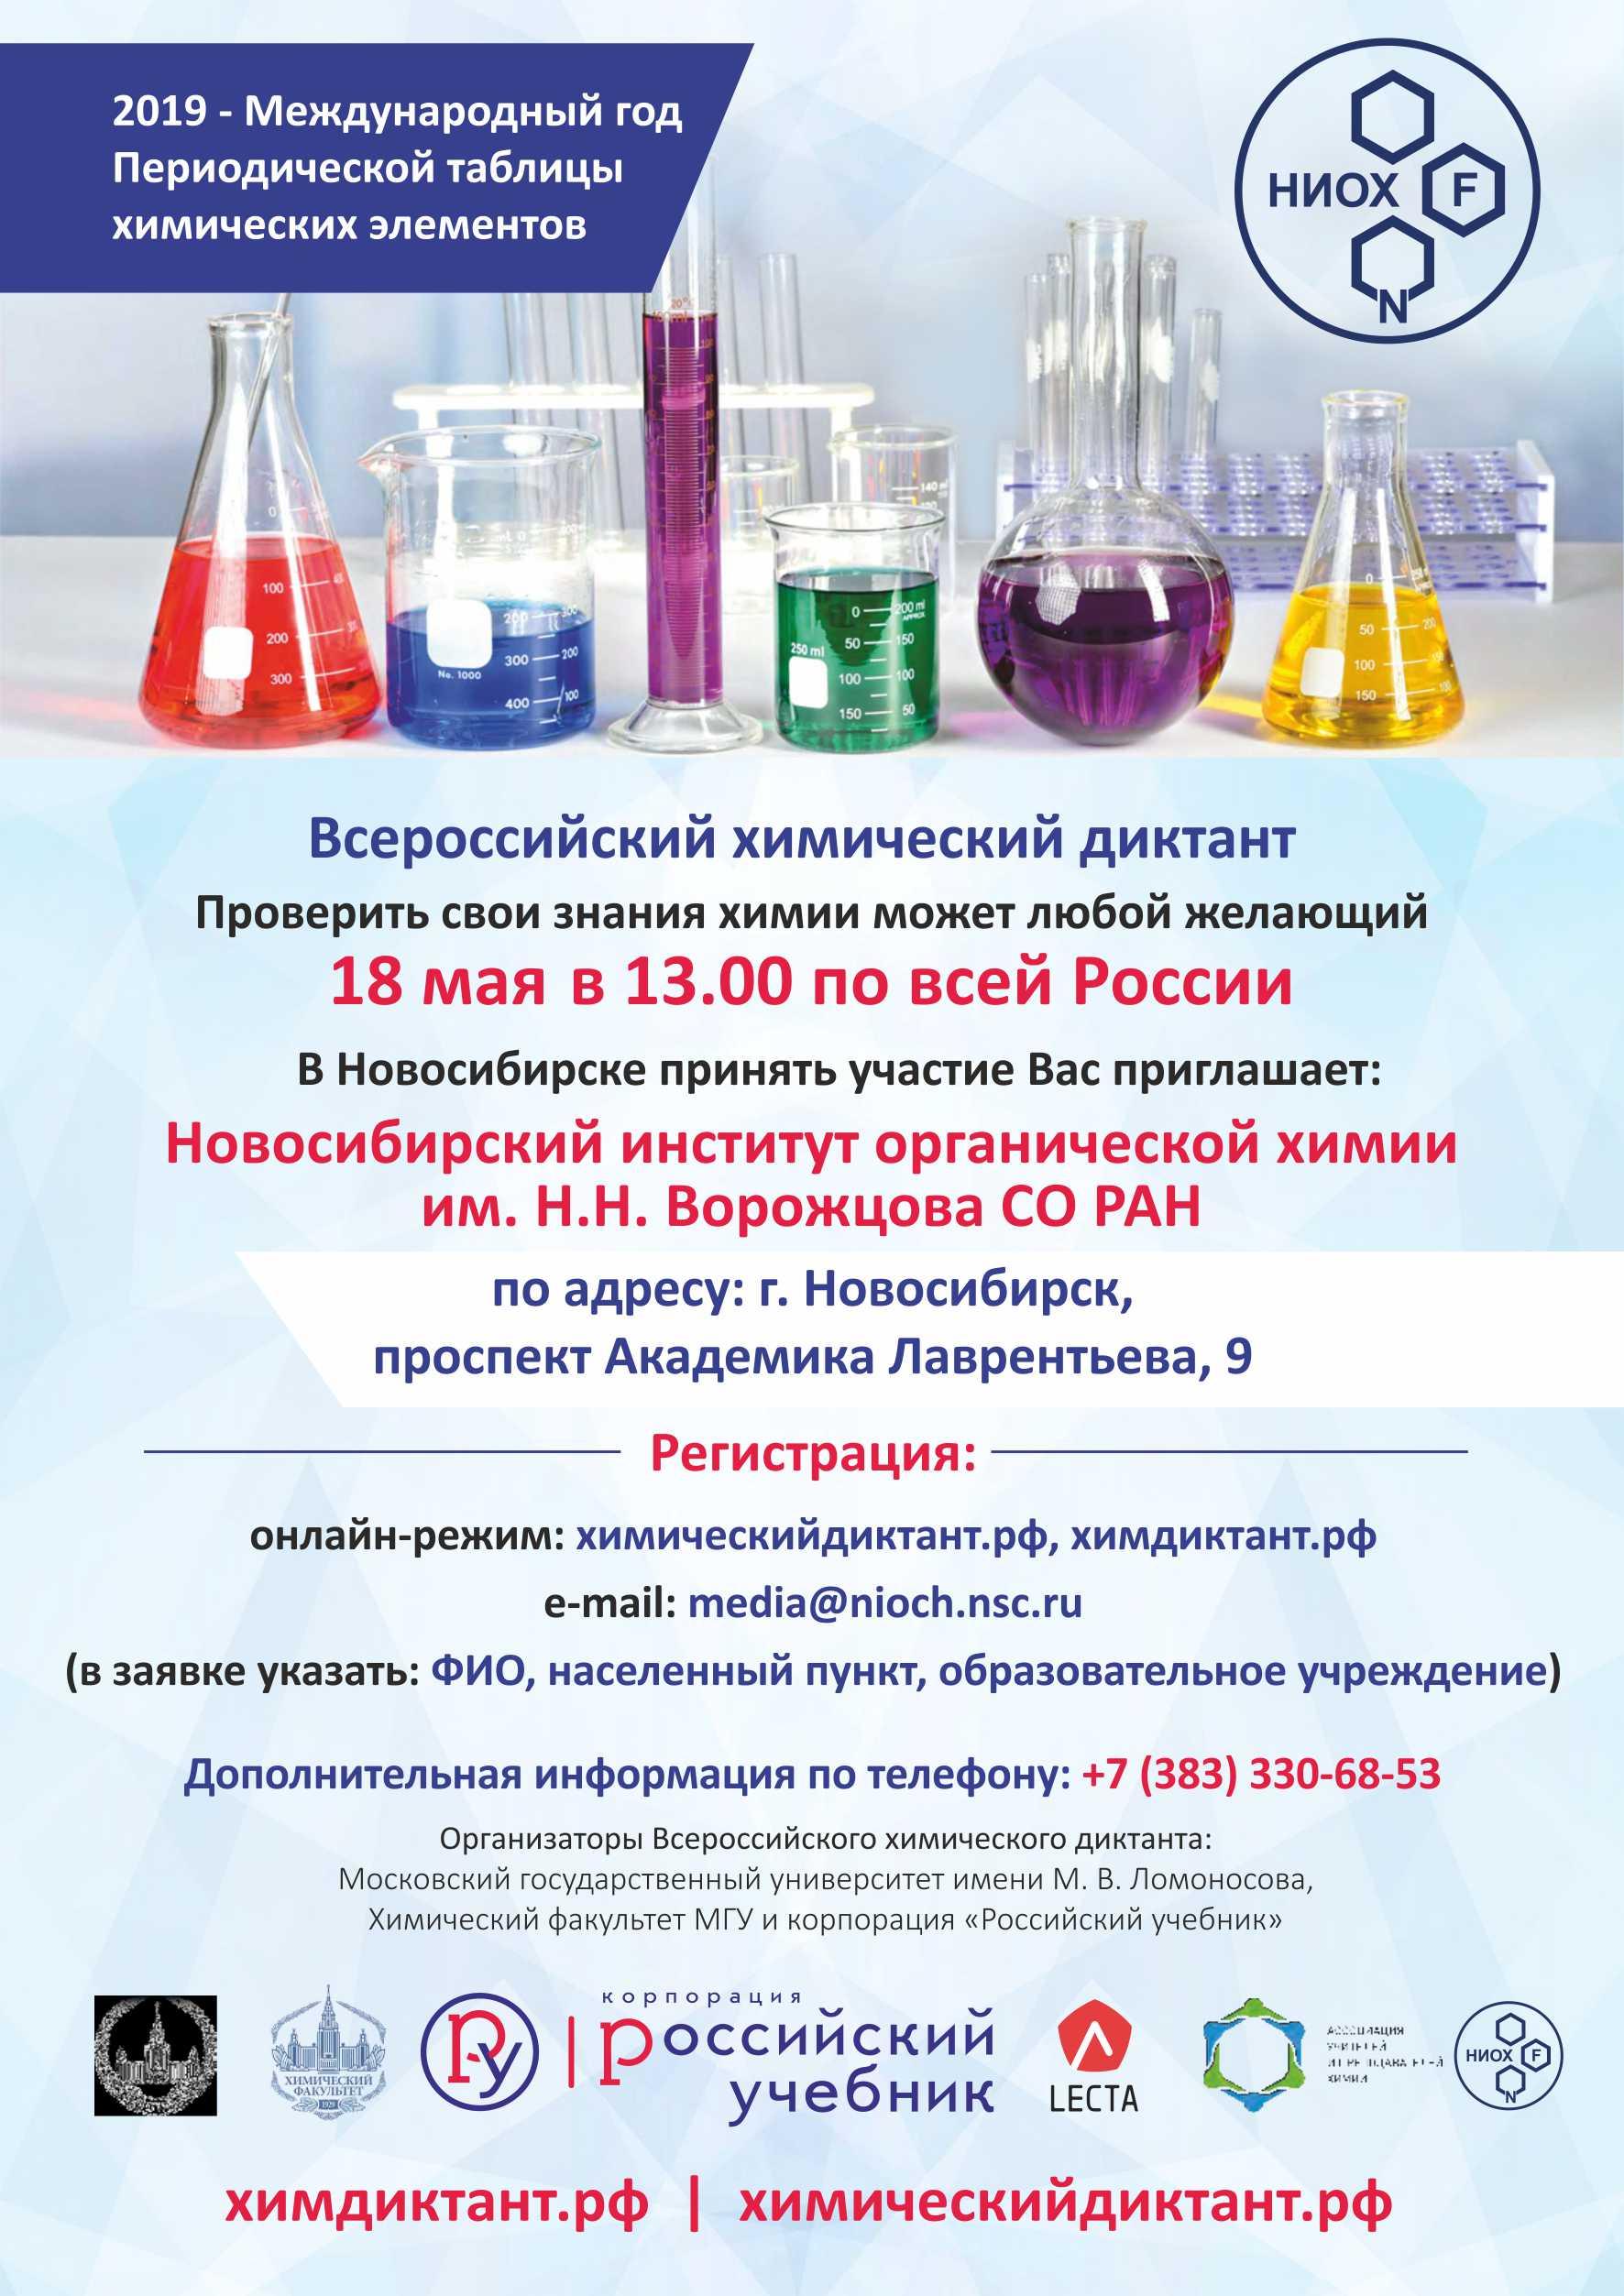 Афиша_хим диктант_new25.04.jpg